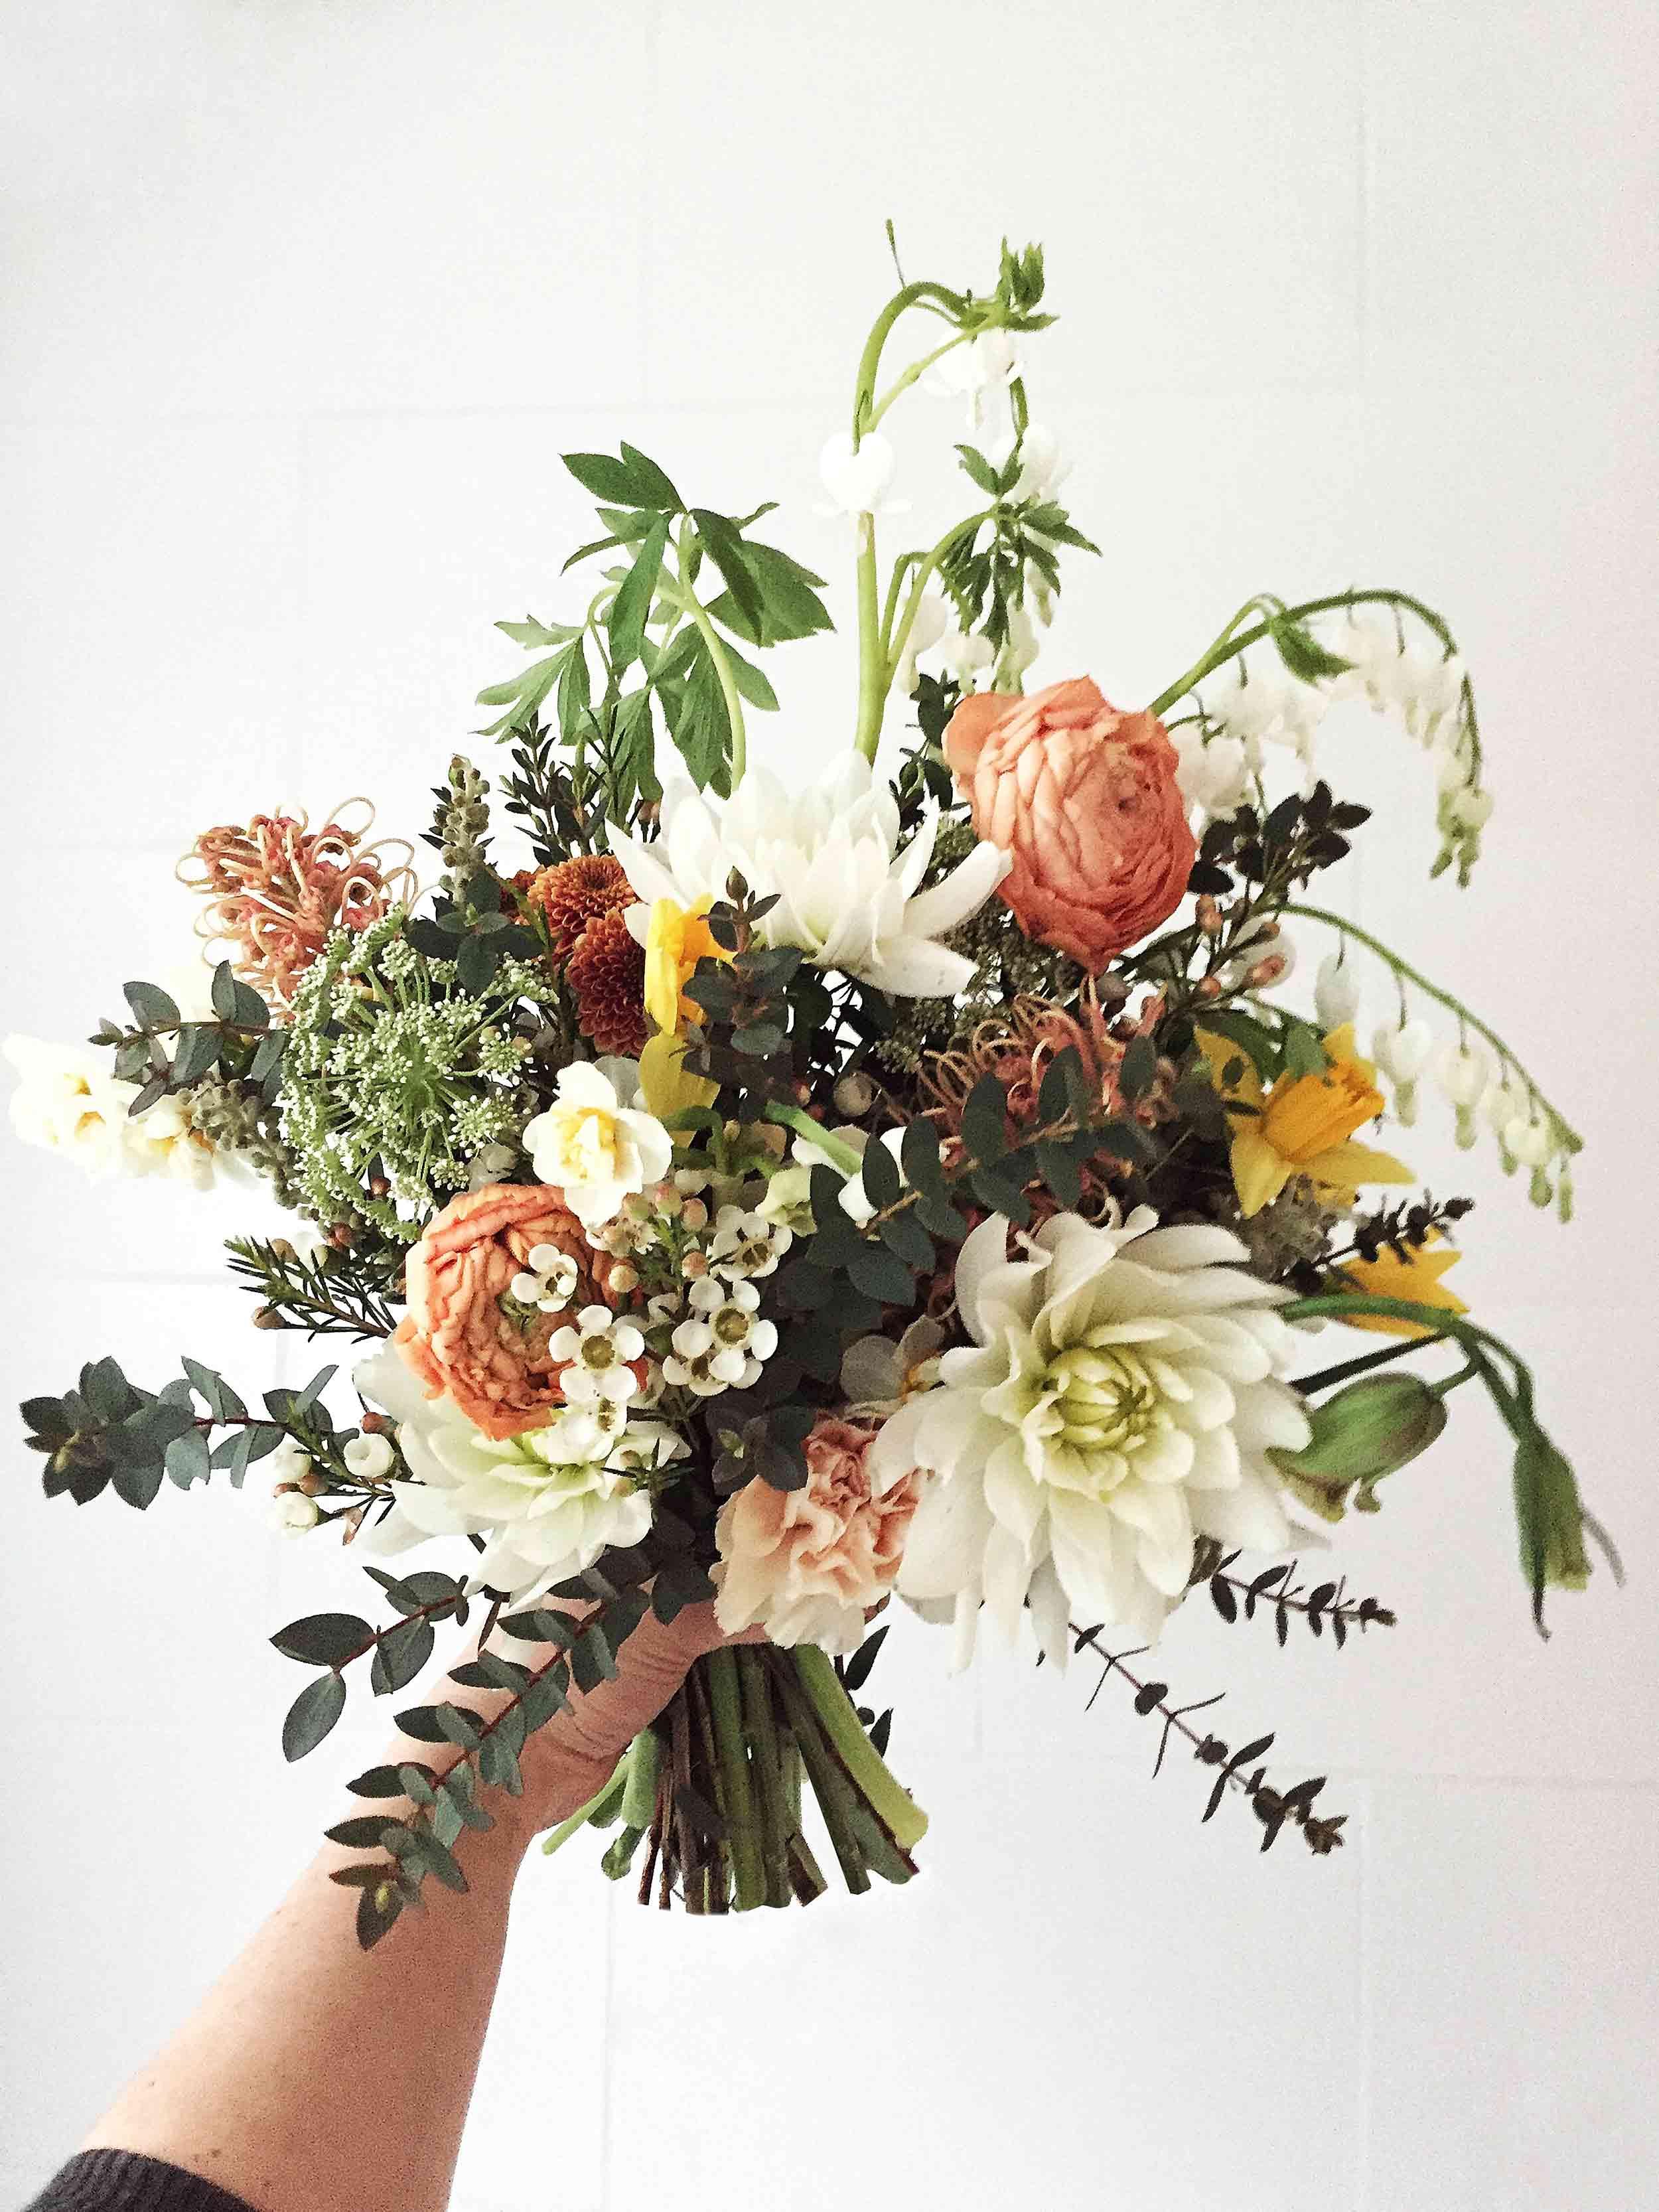 lunaria_wedding_flowers_somerset_UK_11.jpg